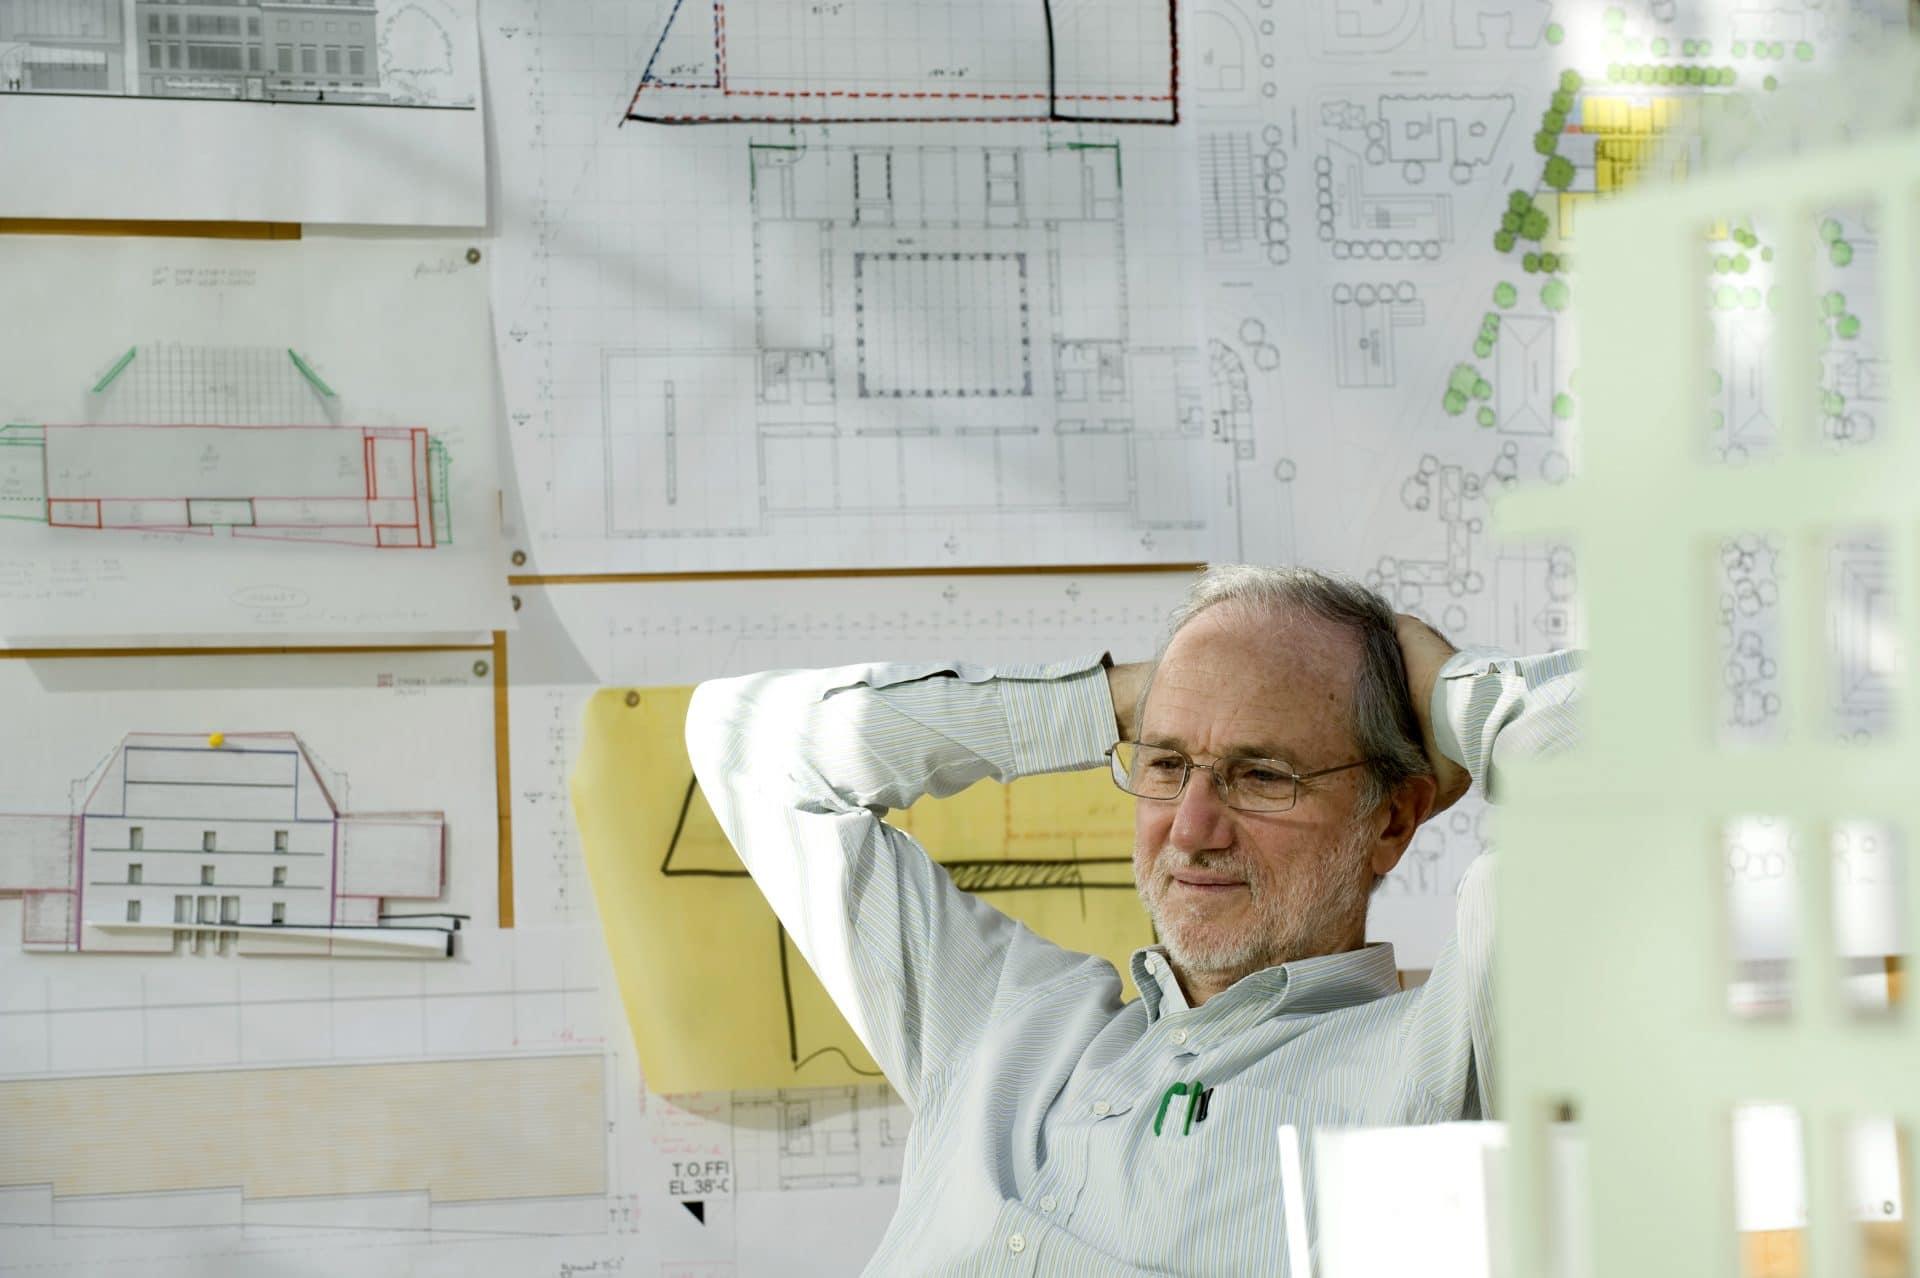 Opere Di Renzo Piano renzo piano chi è   architetto   ponte genova   opere